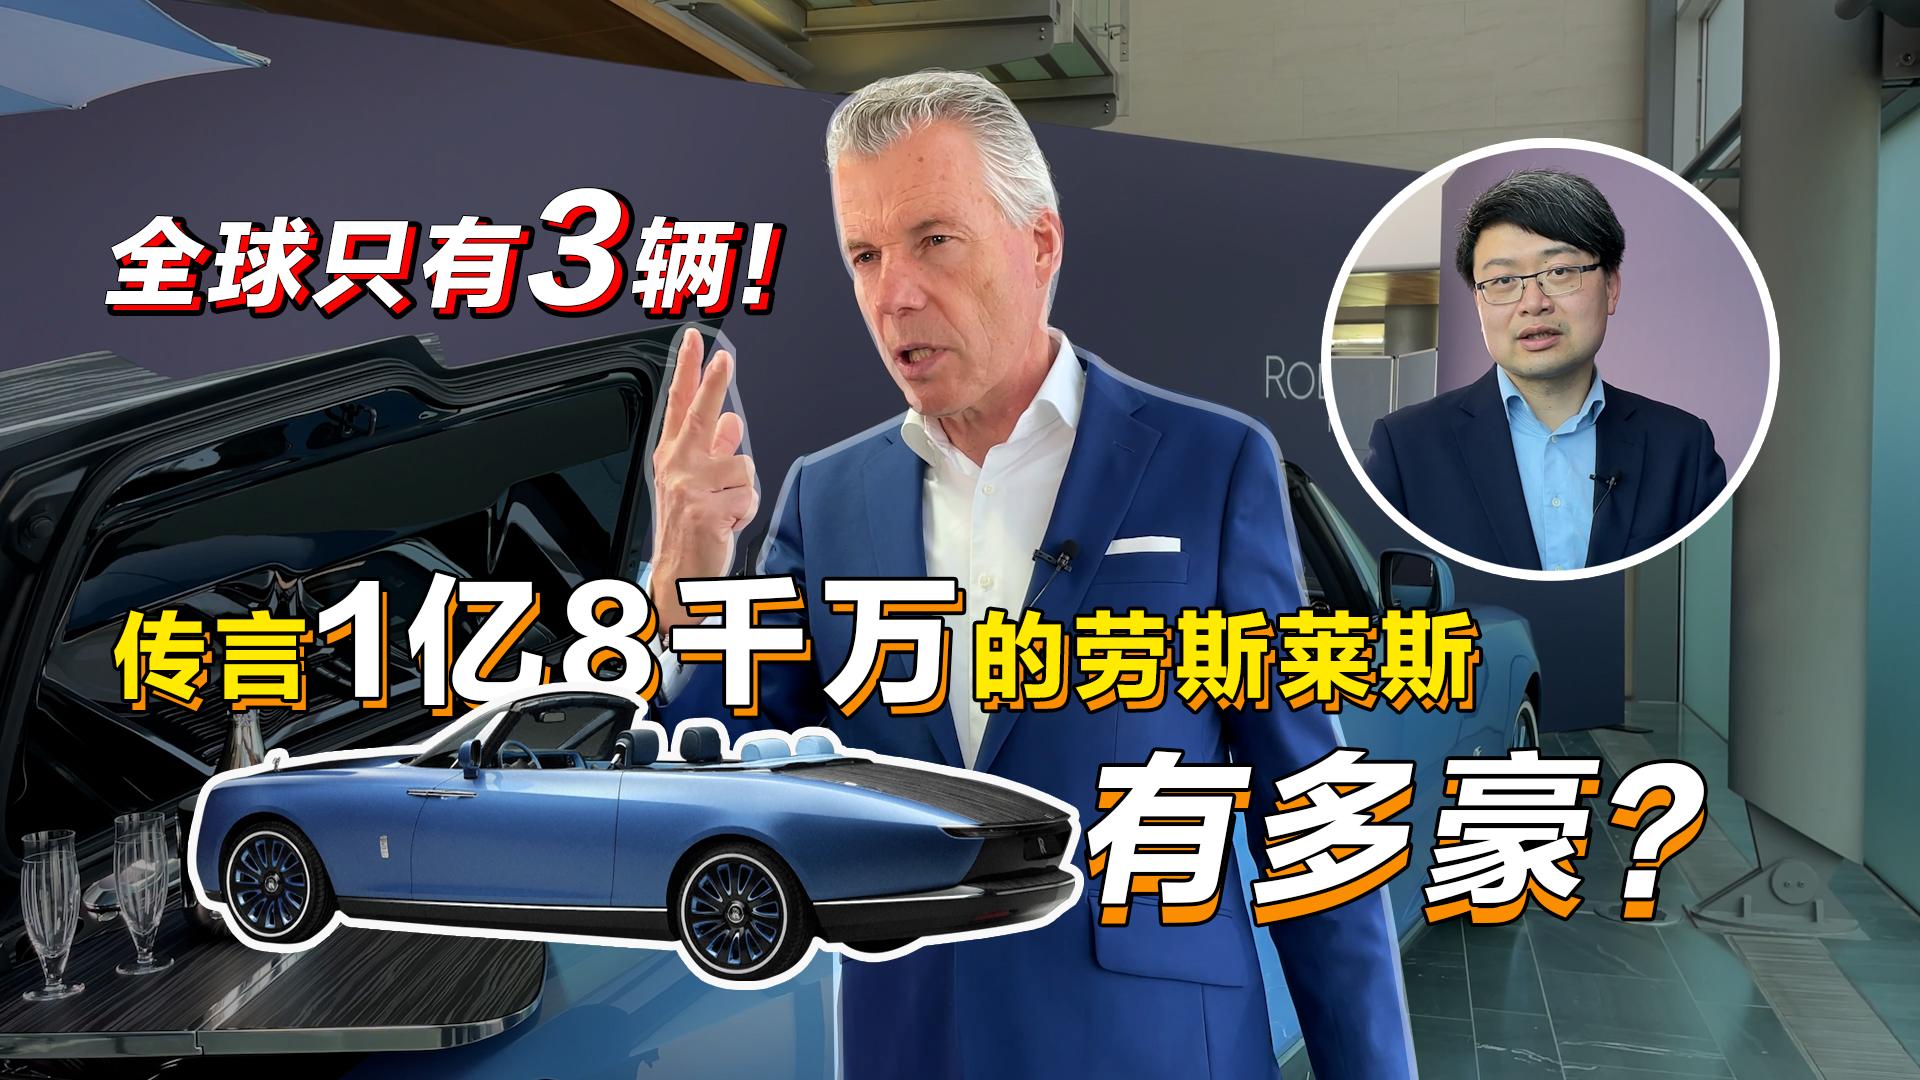 曹劼的英国Live5 对话劳斯莱斯总裁:1亿8000万的豪车凭什么?